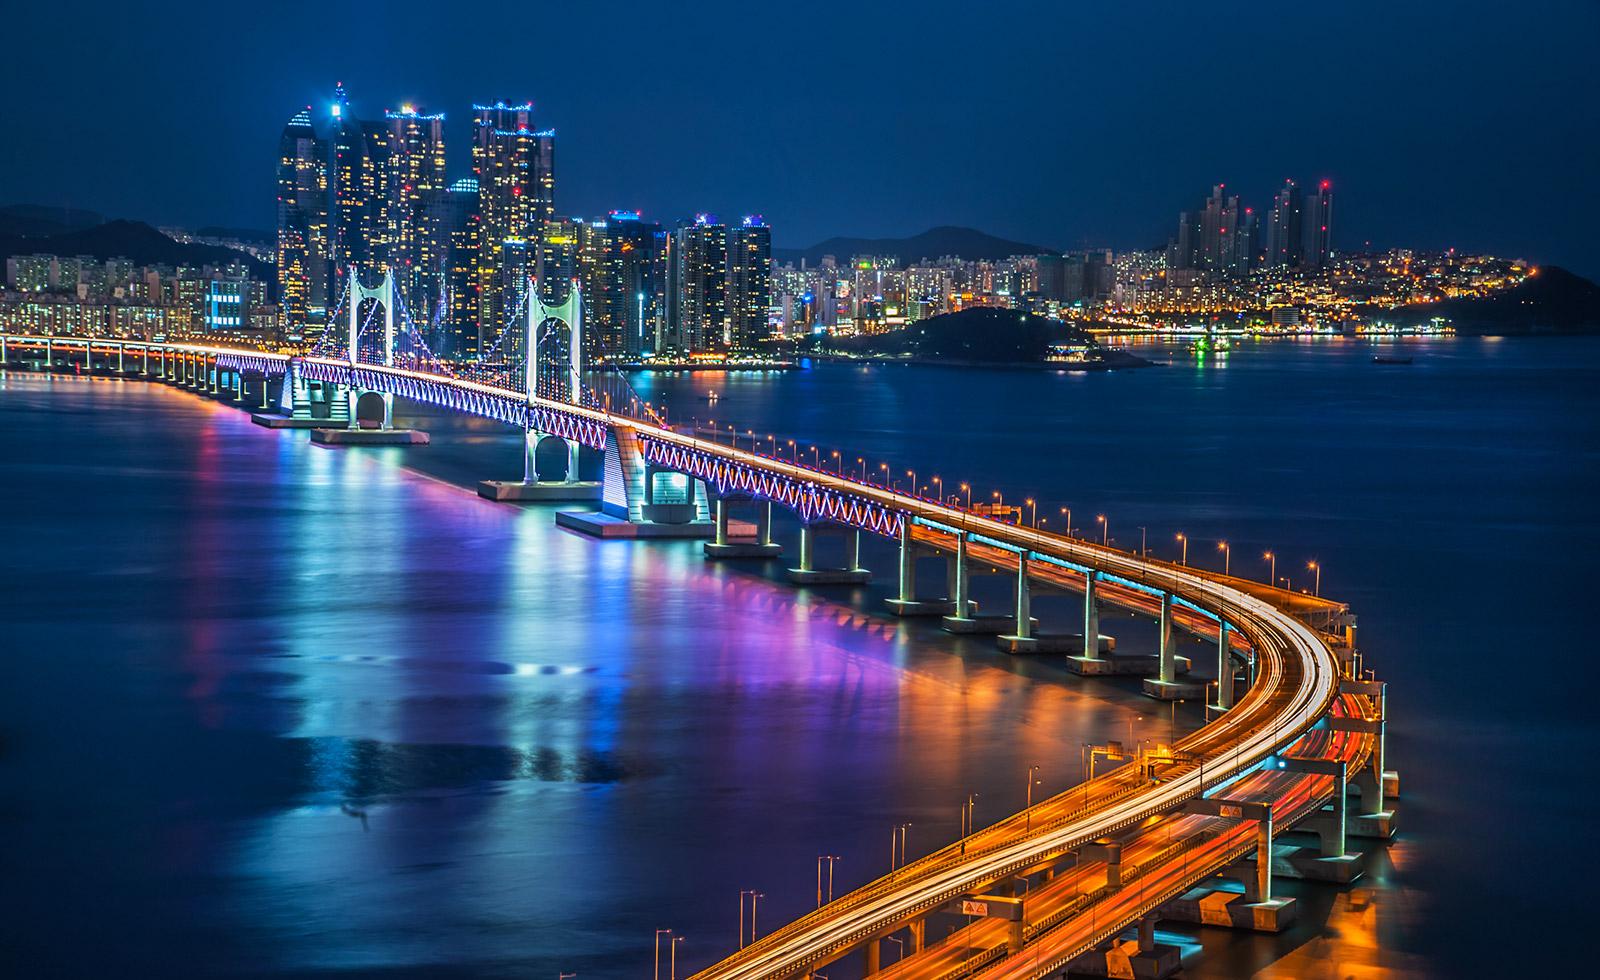 Những nét đặc trưng văn hóa nổi bật của Busan